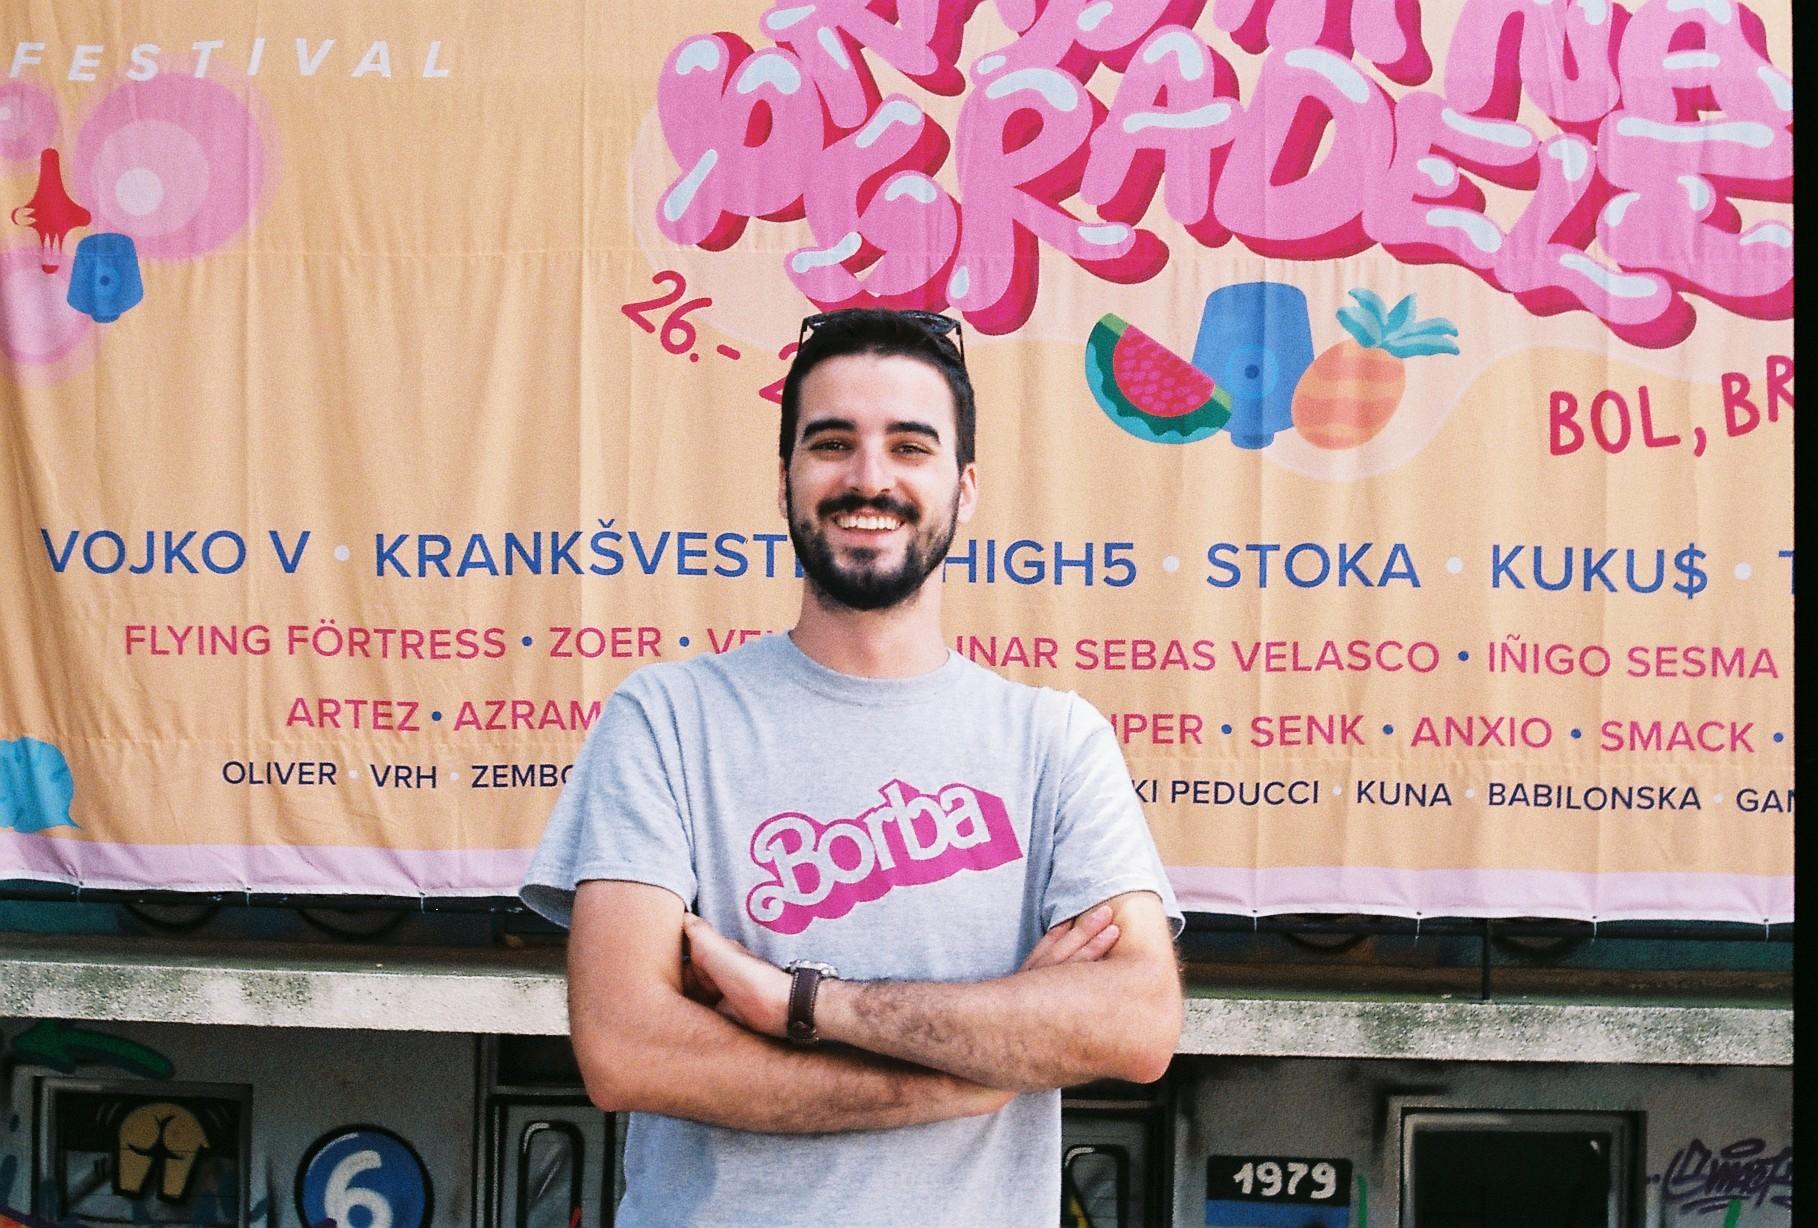 """Projekt """"City Street Art"""" pretvorio je Split u fantastičnu galeriju na otvorenom"""